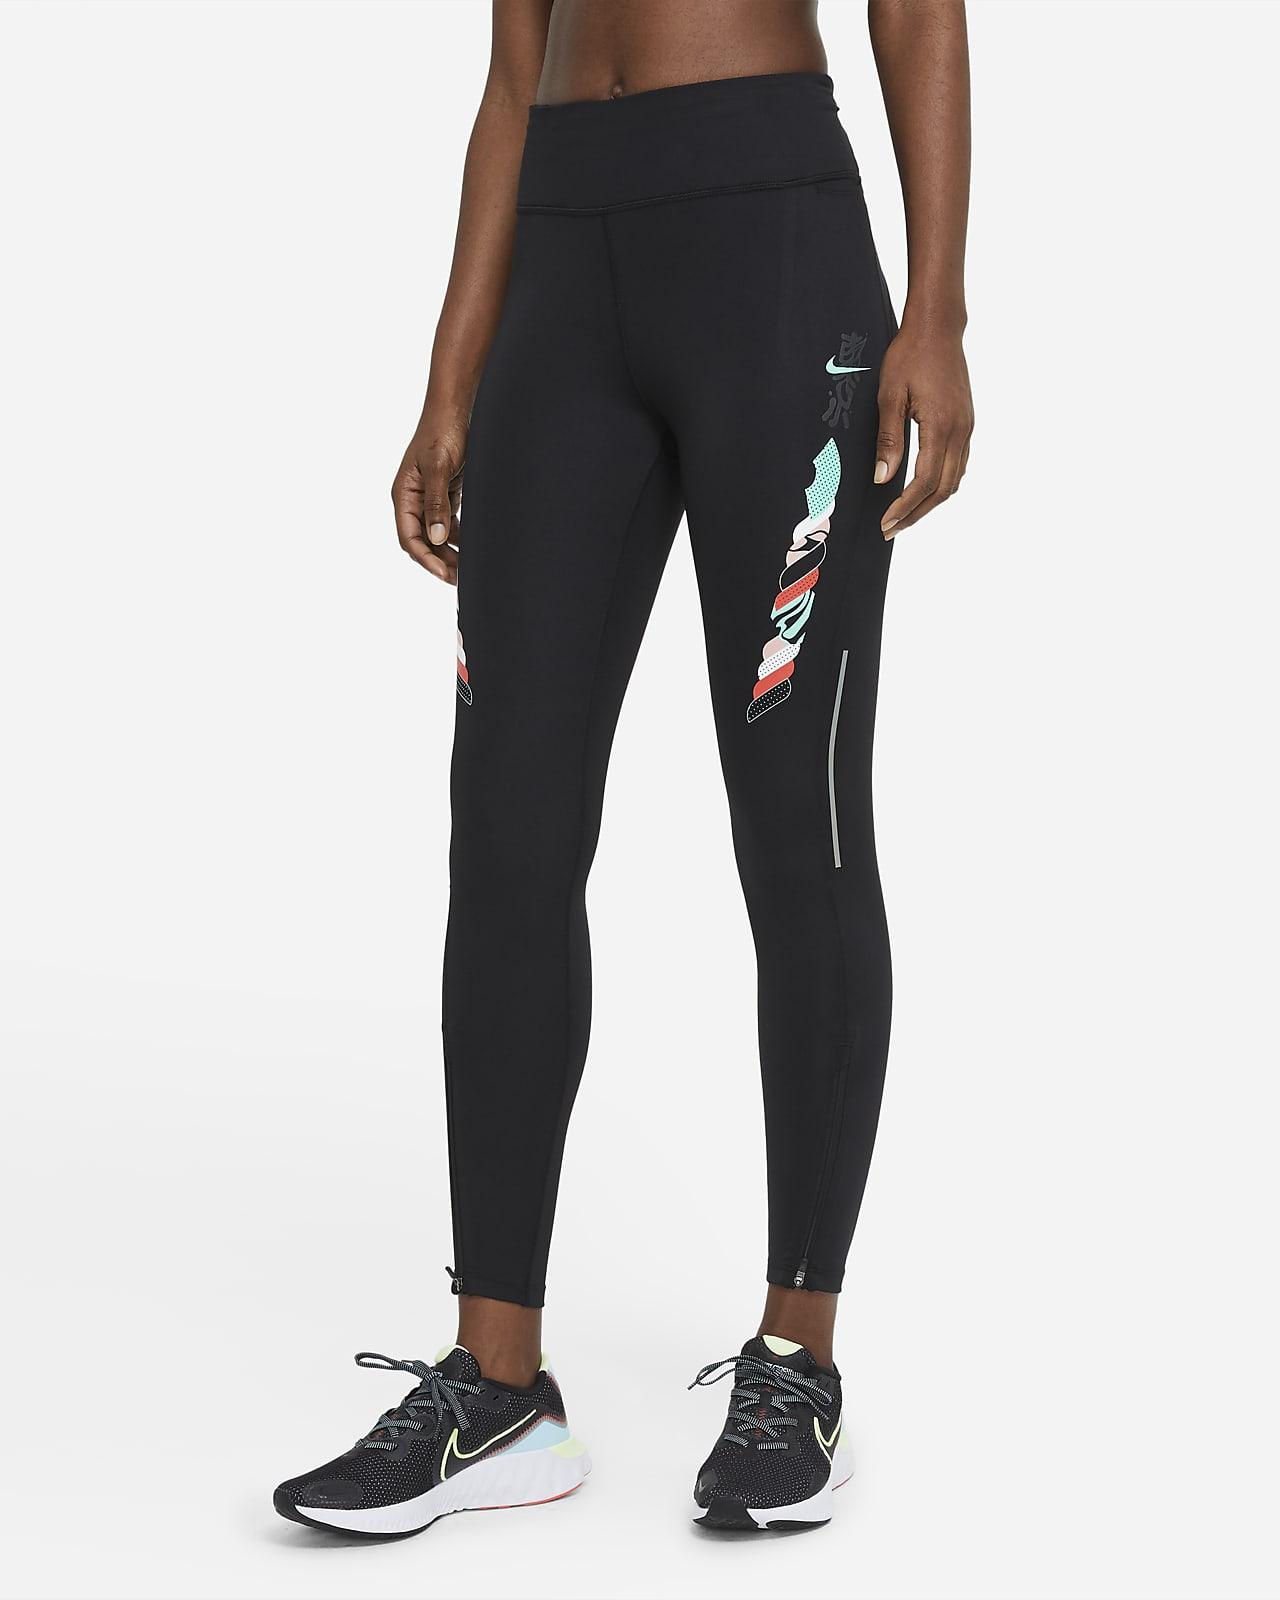 Nike Epic Fast Tokyo Women's Mid-Rise 7/8 Running Leggings